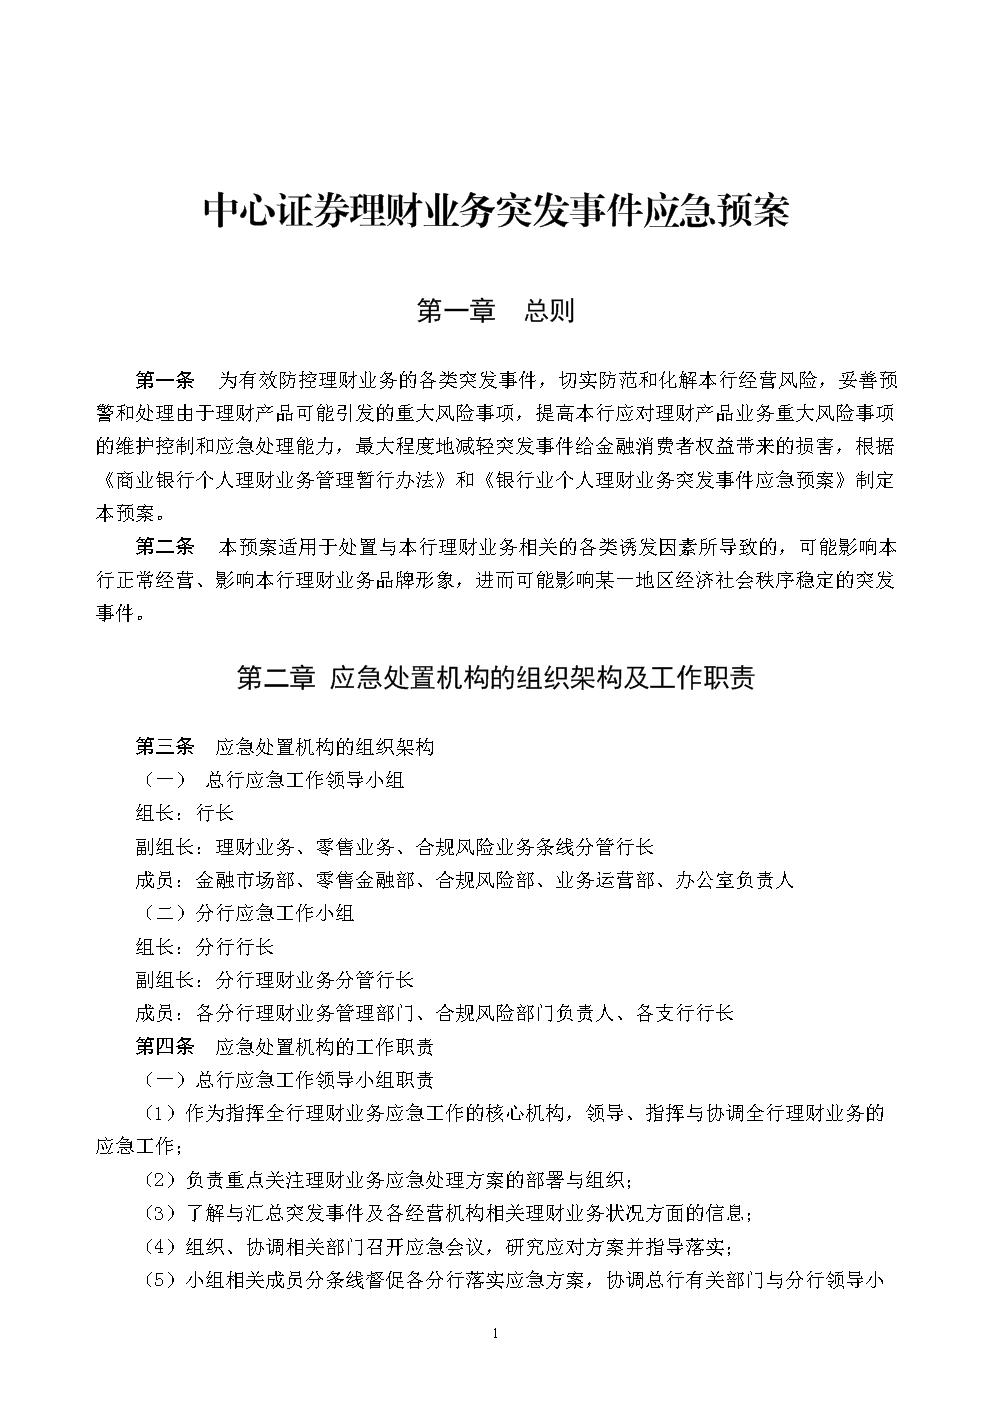 【实用资料】理财业务突发事件应急预案.doc